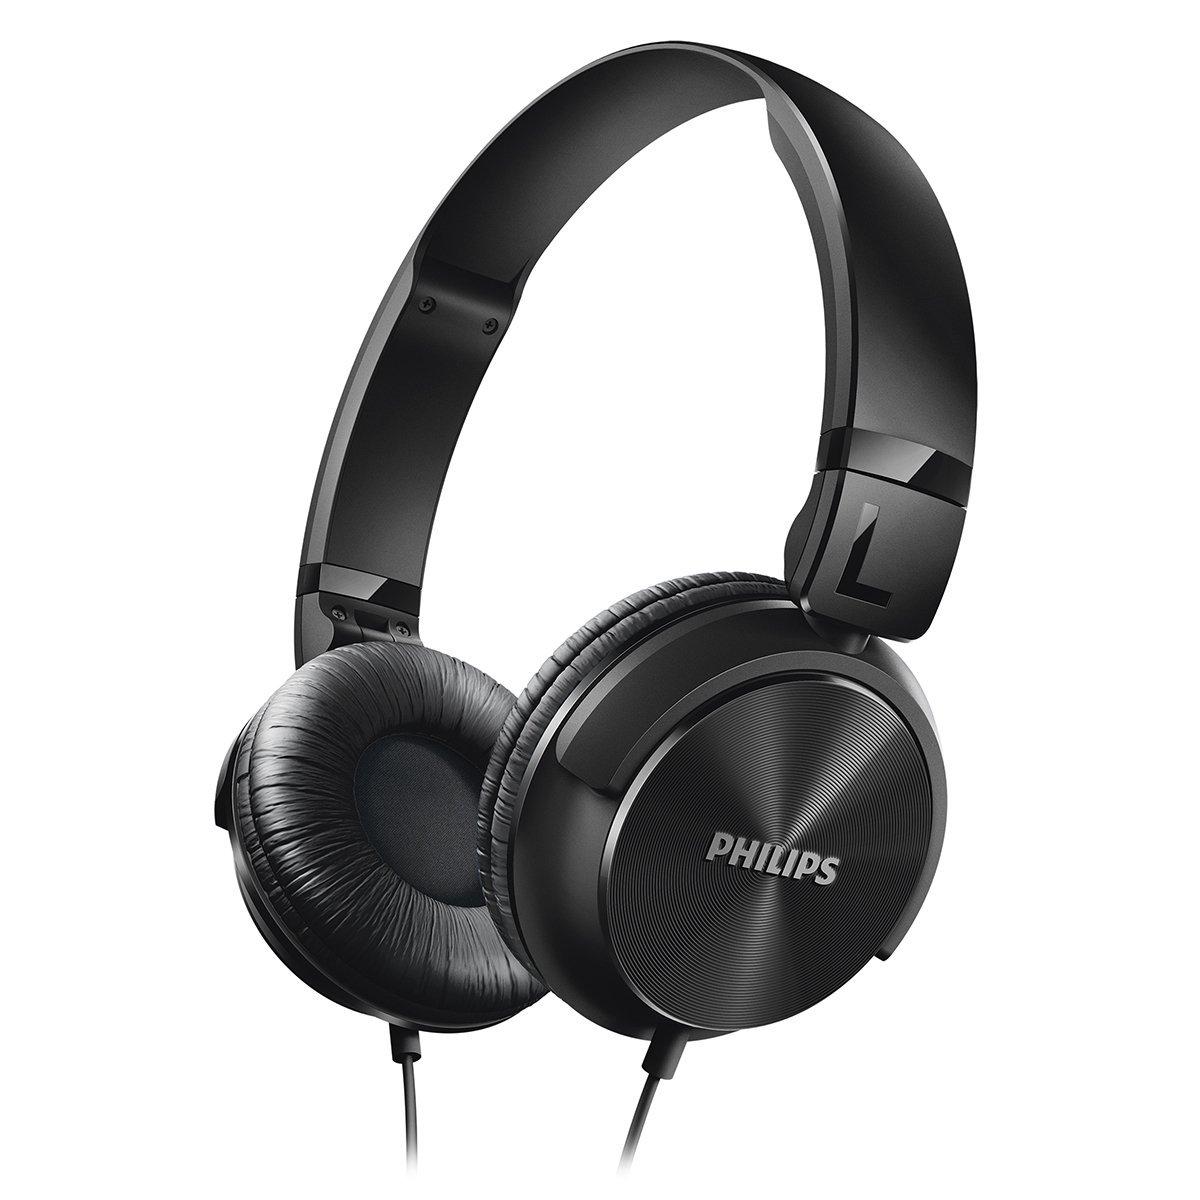 Philips SHL3060BK 28 Philips SHL3060BK 28 DJ Style Headphones Black by Philips